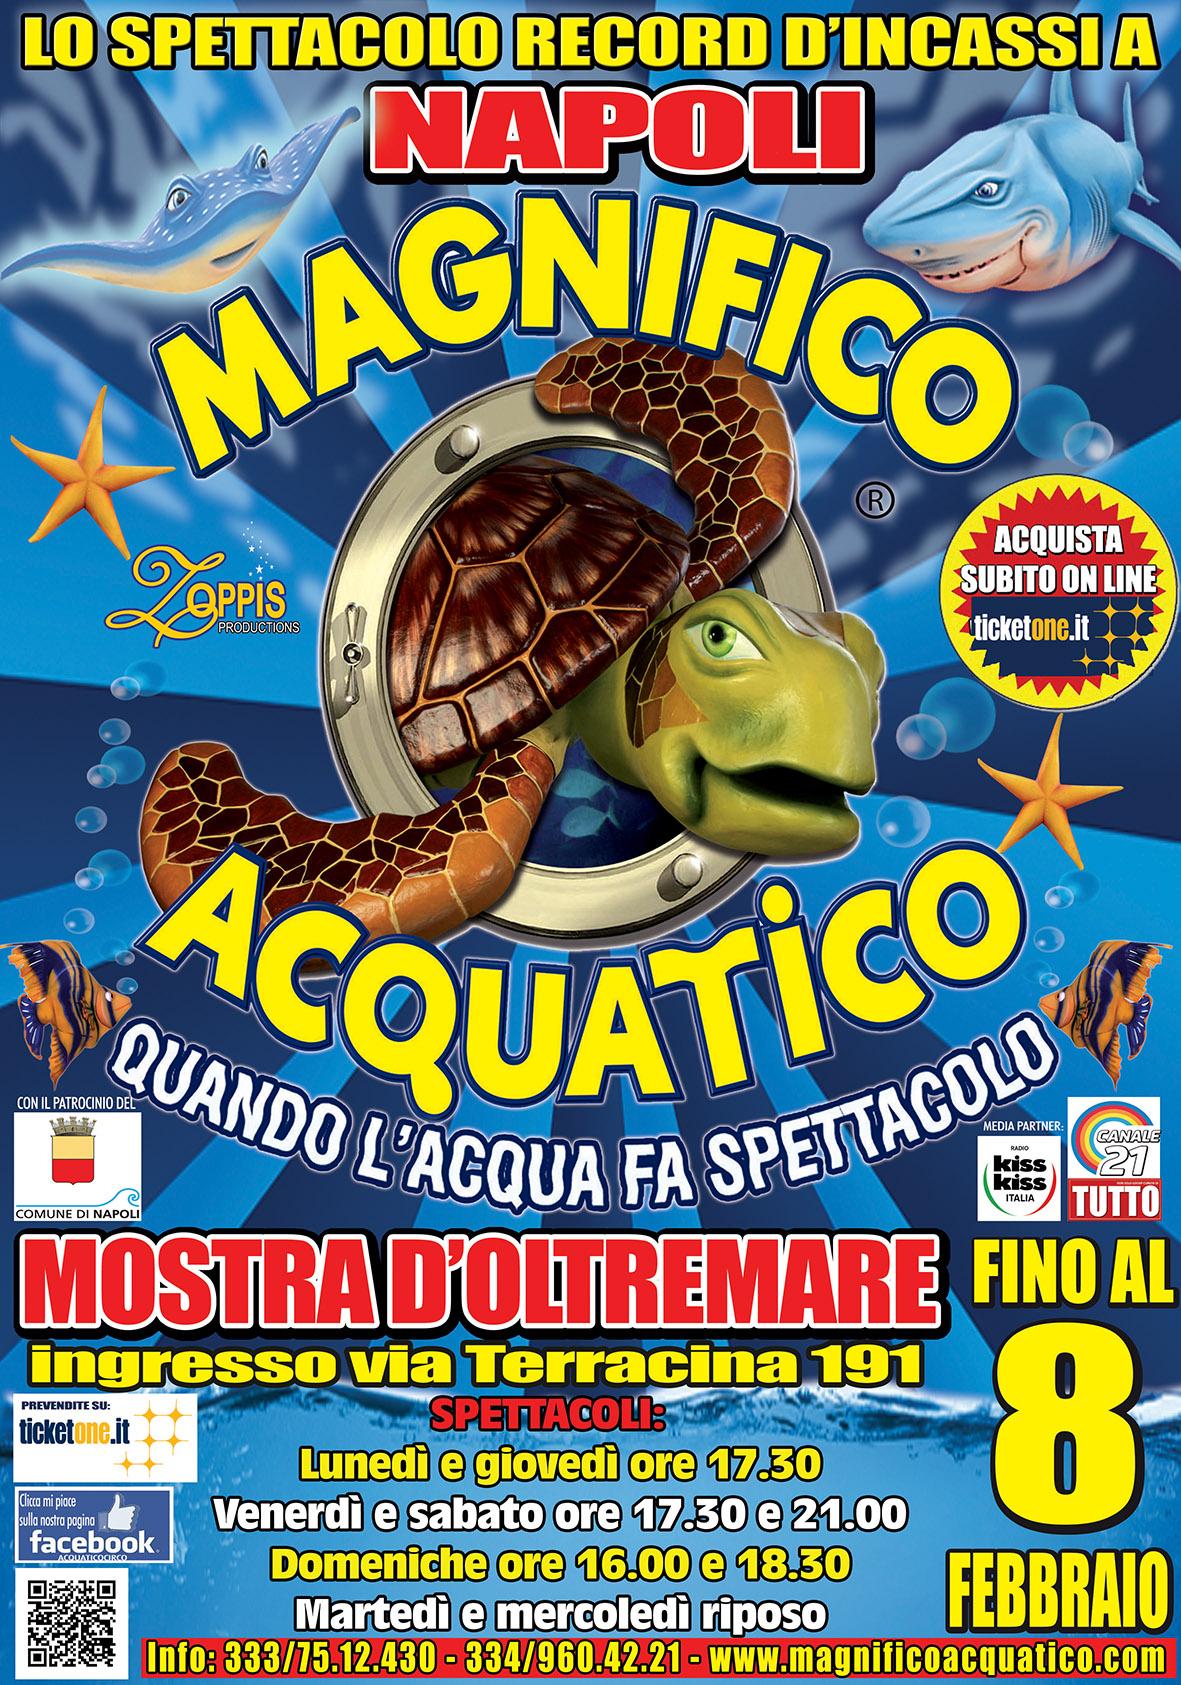 Il circo acquatico